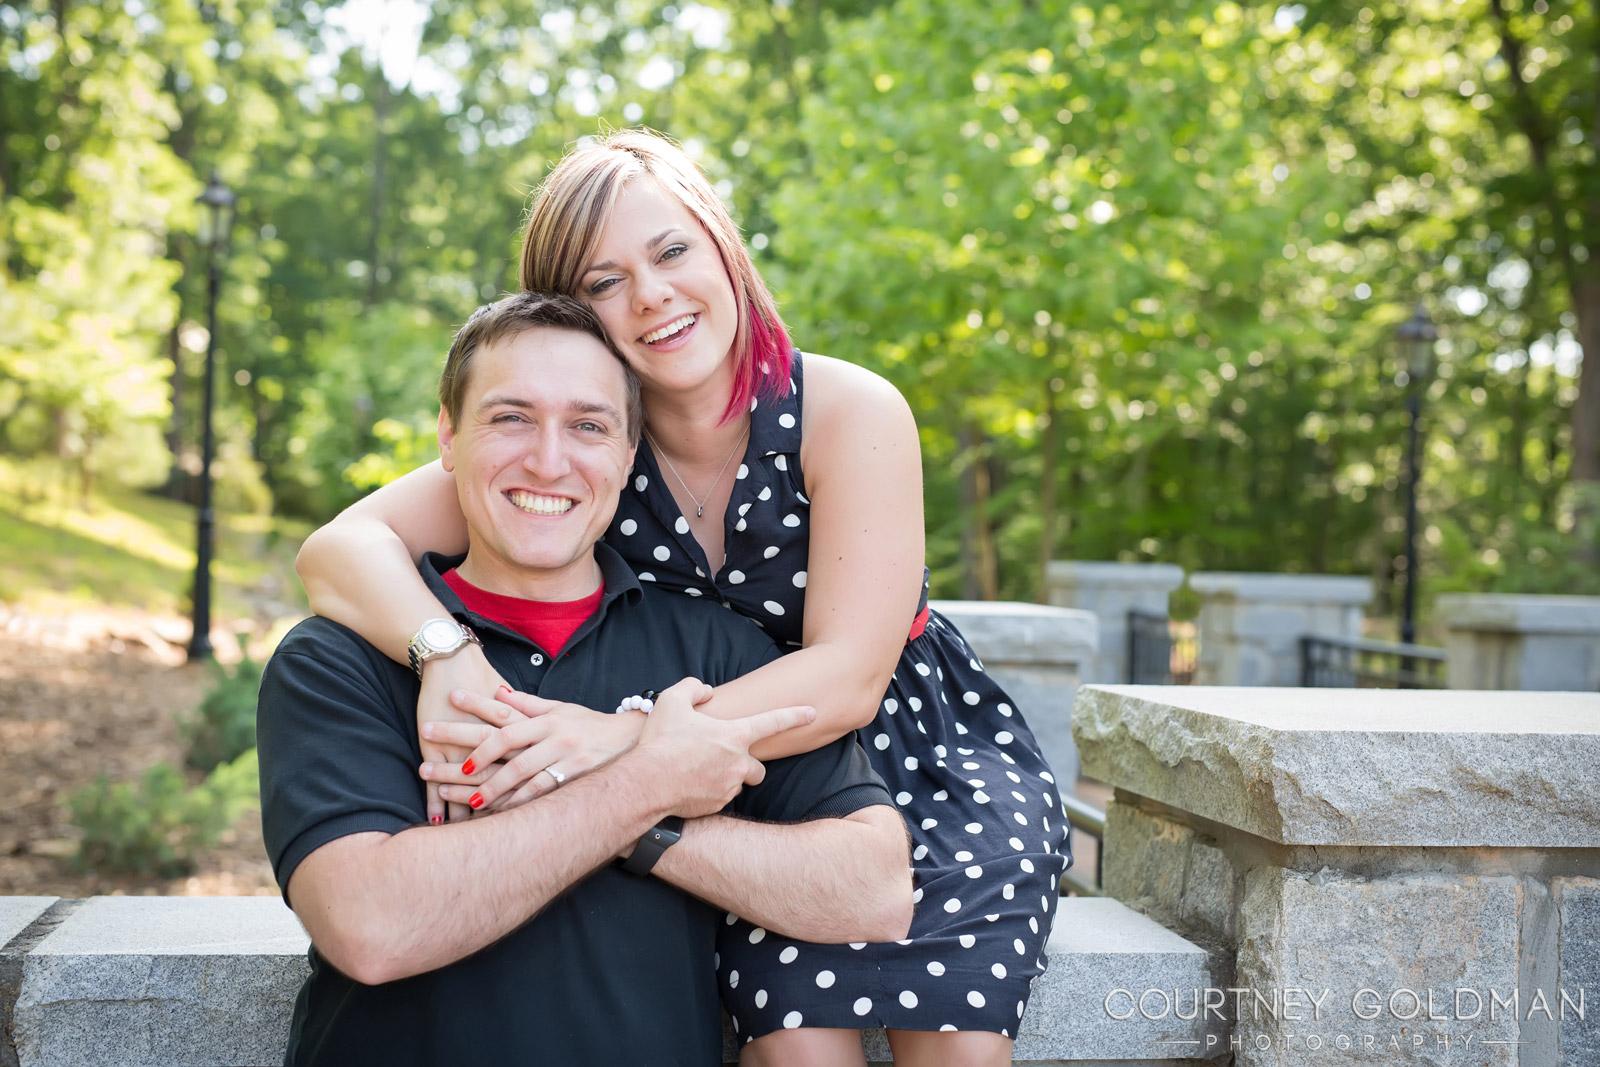 Couples, Proposals, & Engagements